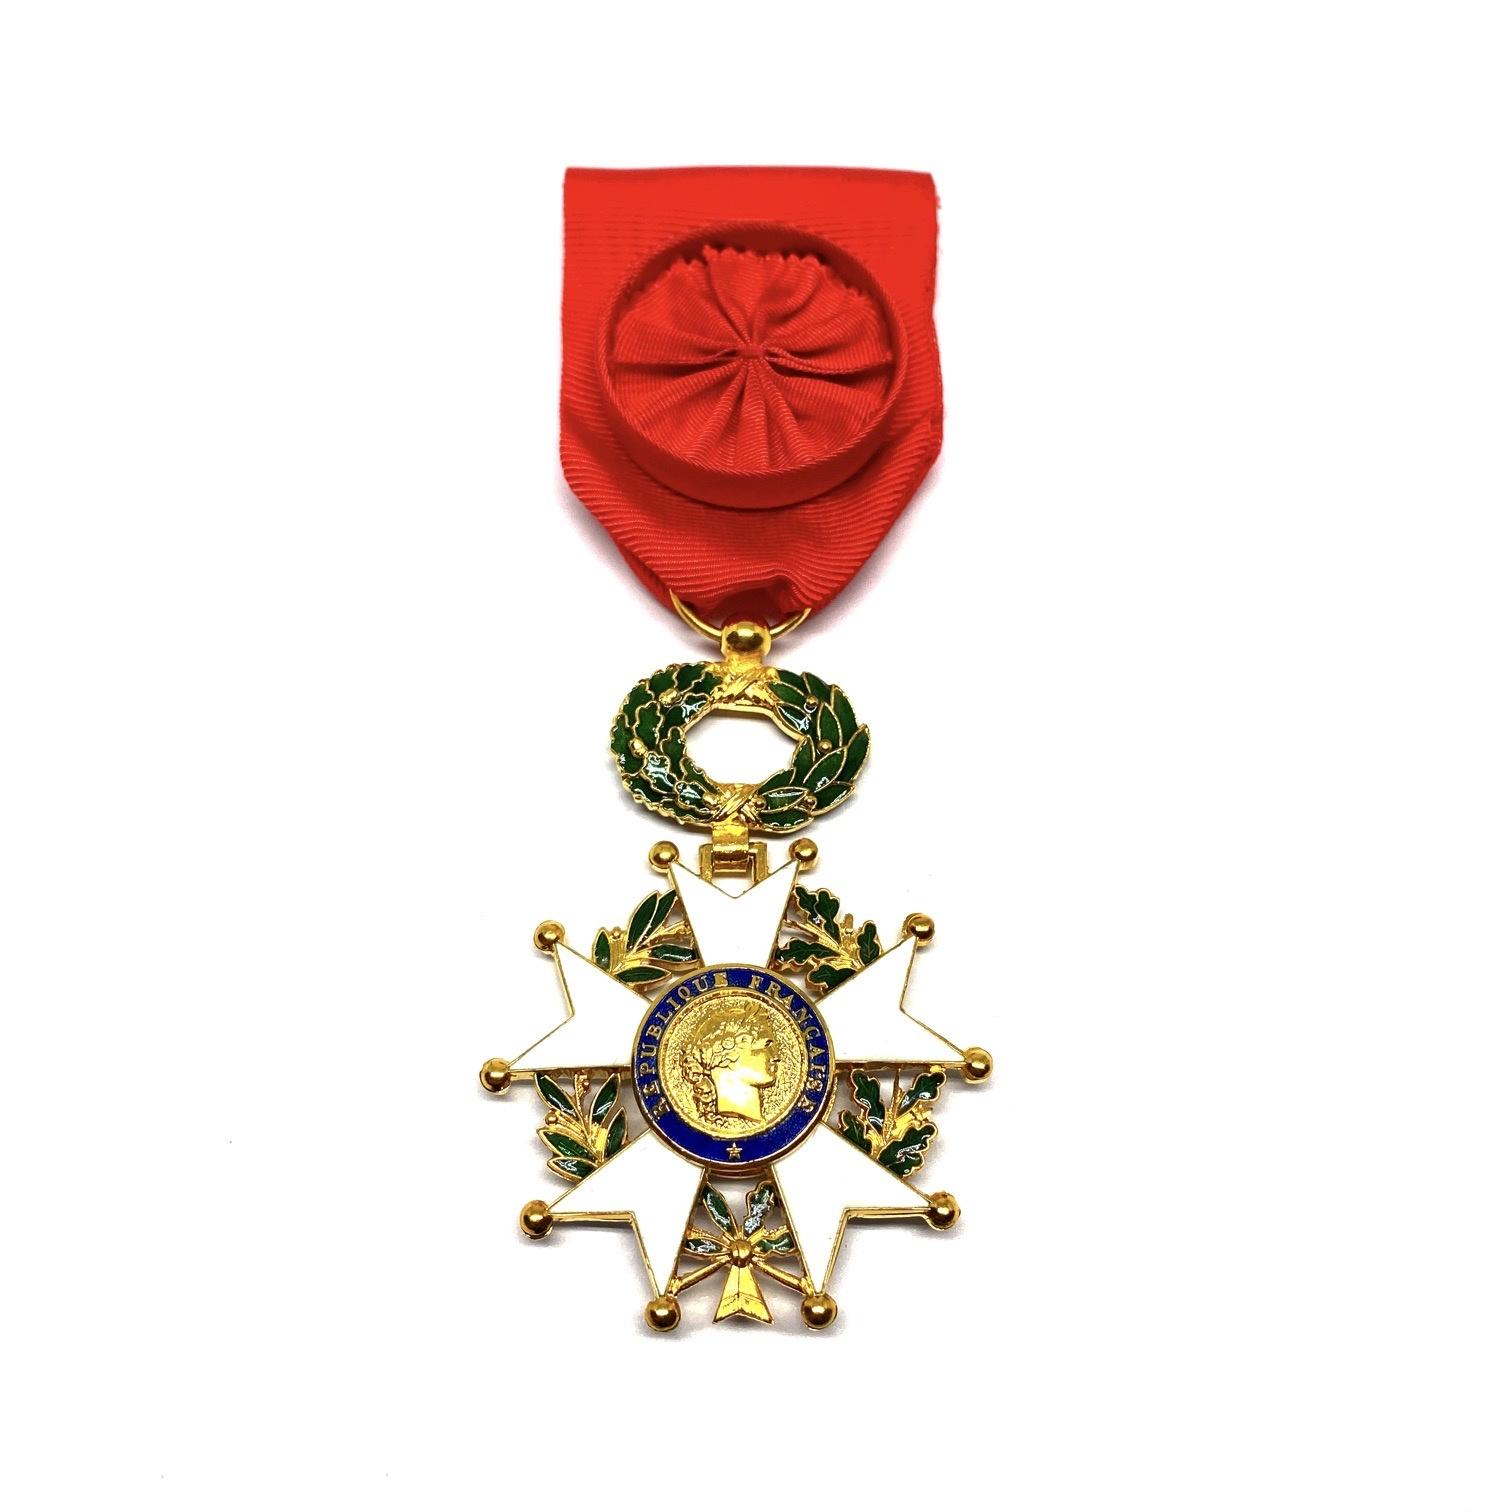 Ereteken Officier in het Legioen van Eer (Légion d'Honneur)